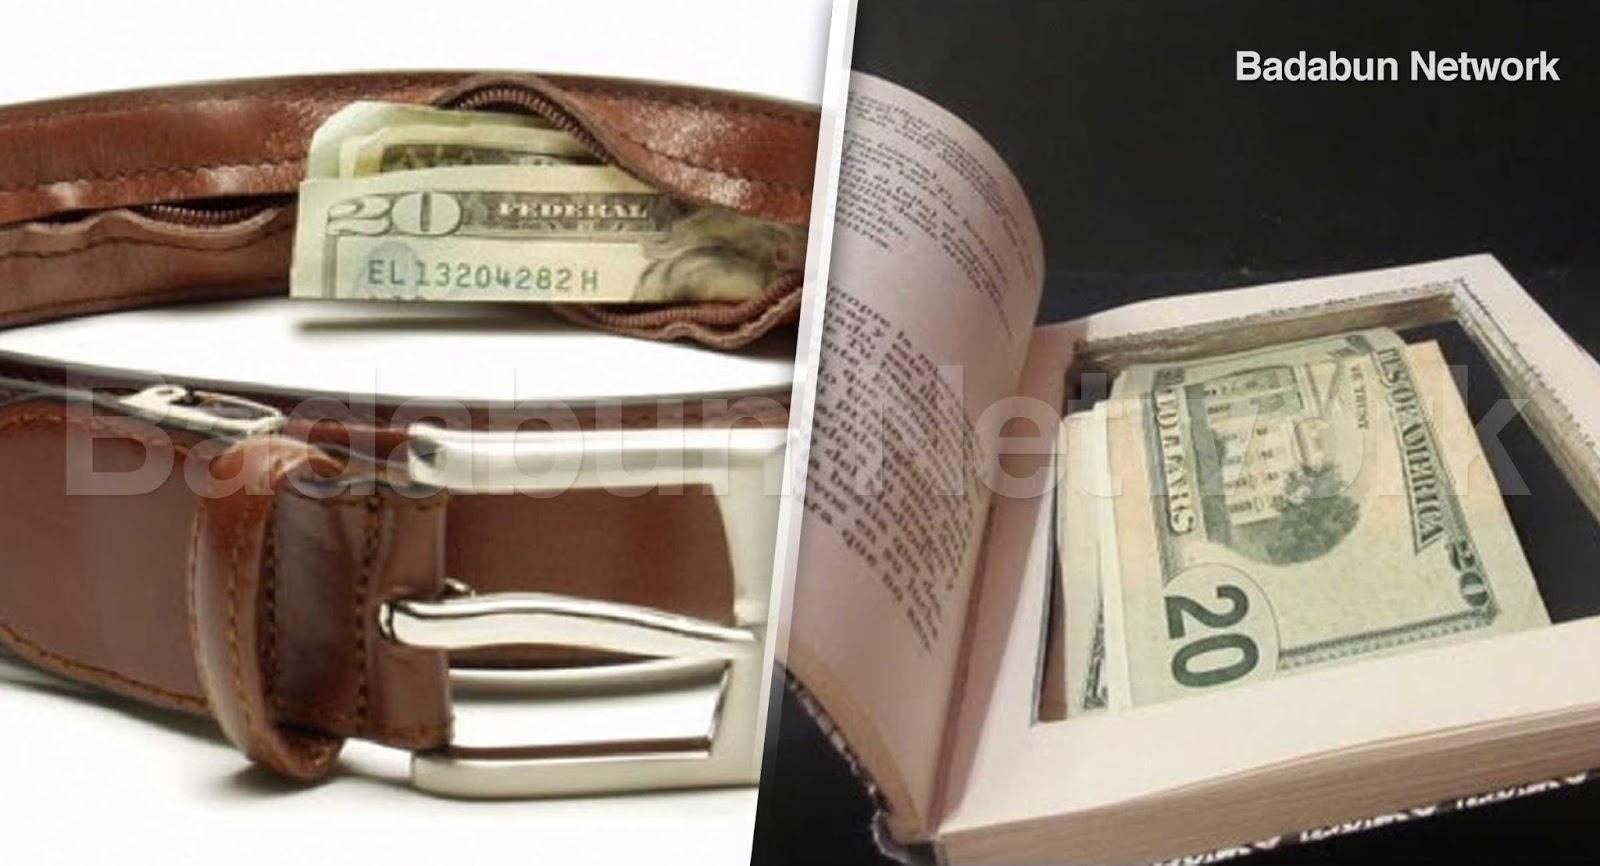 Blog para optimizar badabun los 12 mejores lugares para esconder tu dinero nunca te robar n - Tener dinero en casa ...